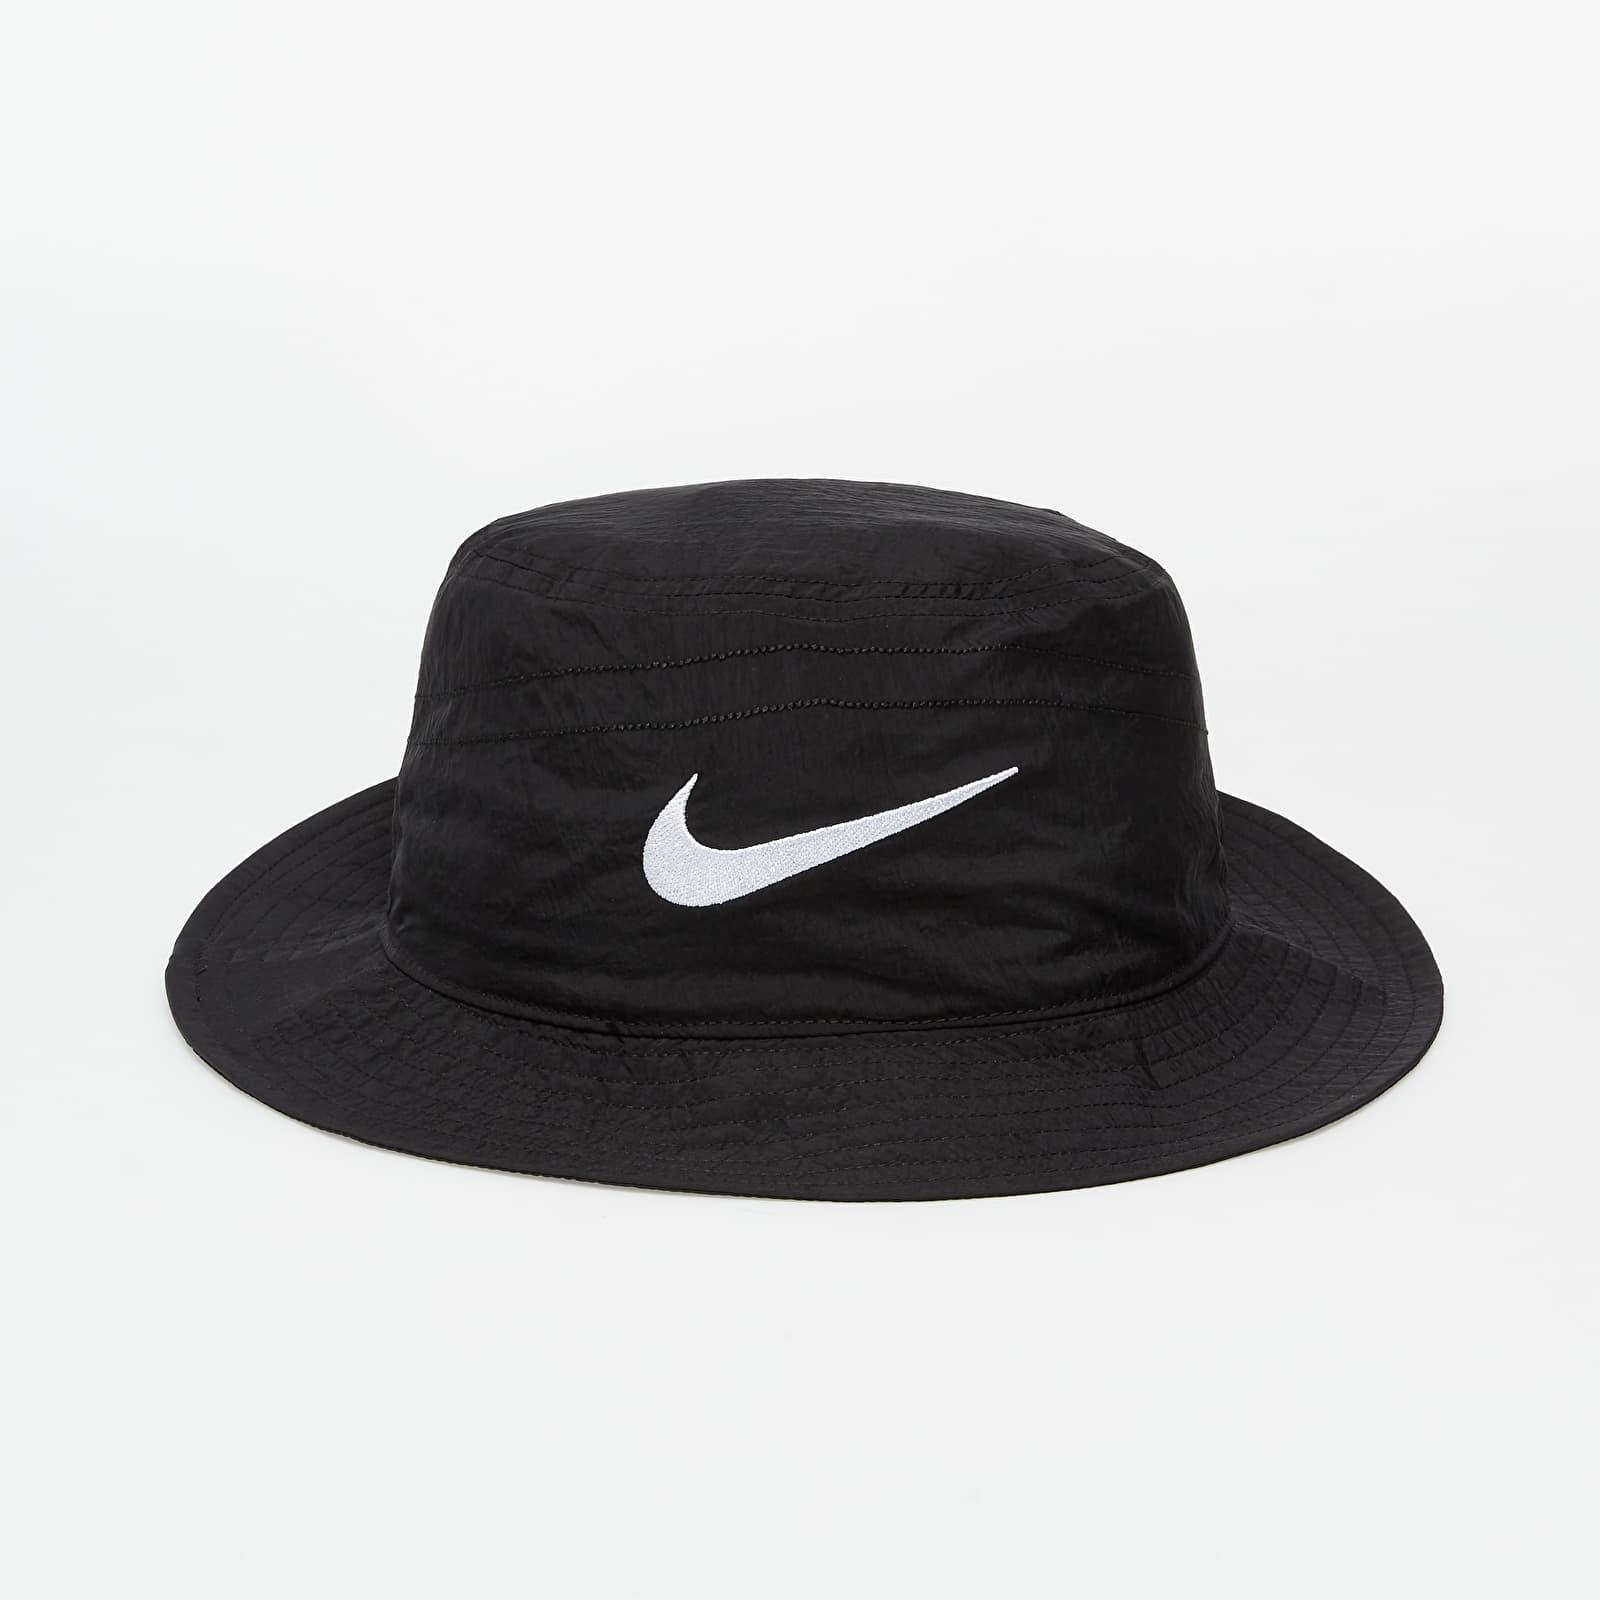 Nike x Stüssy Bucket Hat Black/ White